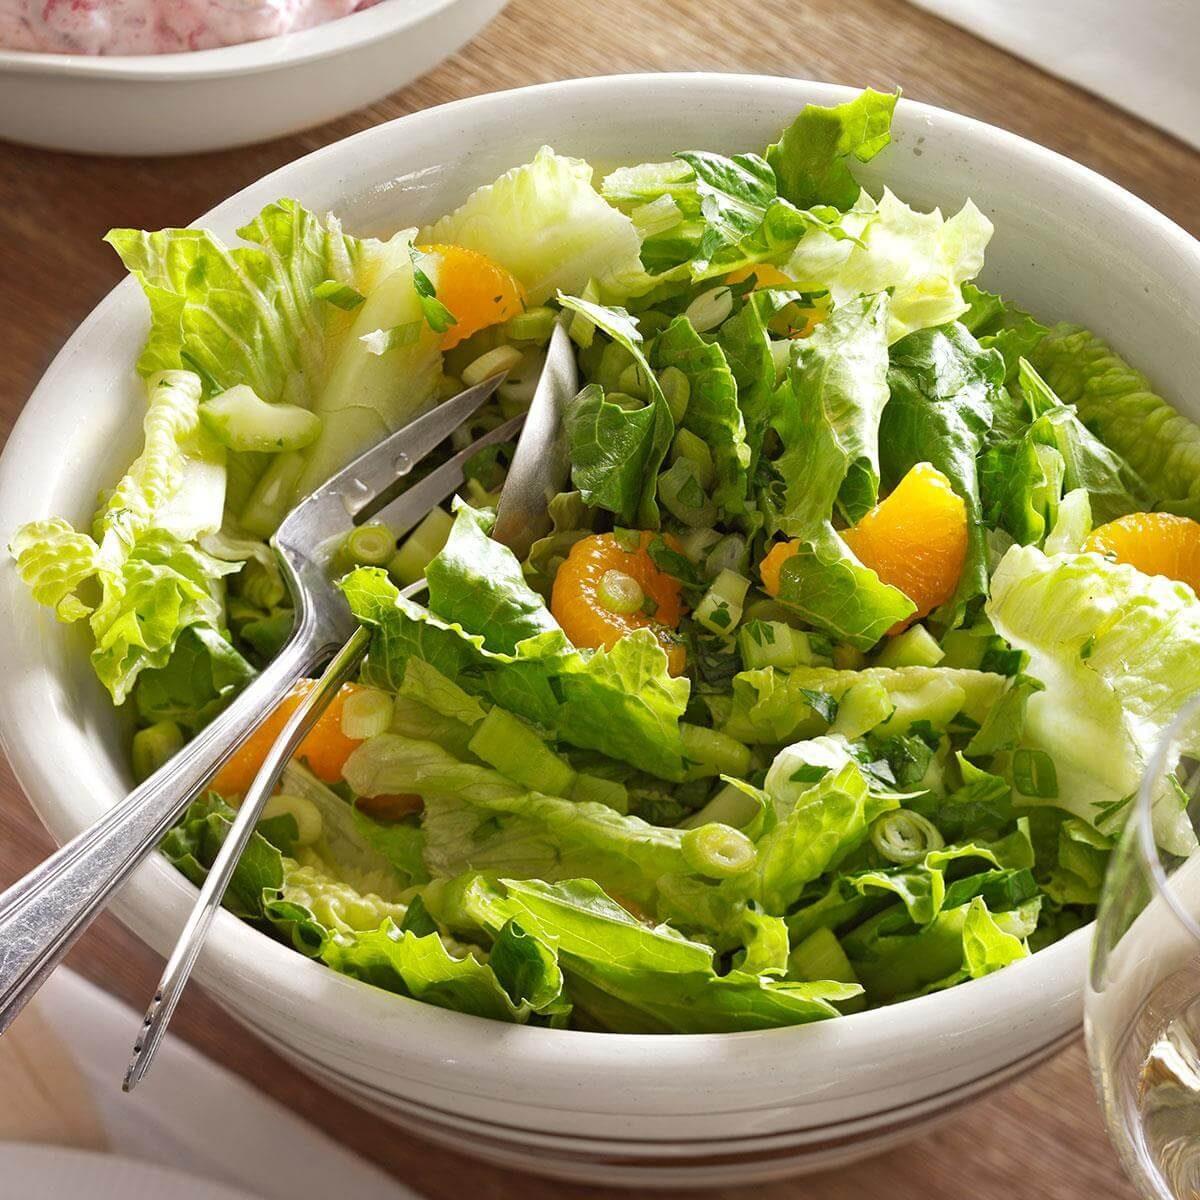 Lettuce Leaves Celery And Turkey Salad On Pinterest: Mandarin Orange & Romaine Salad Recipe